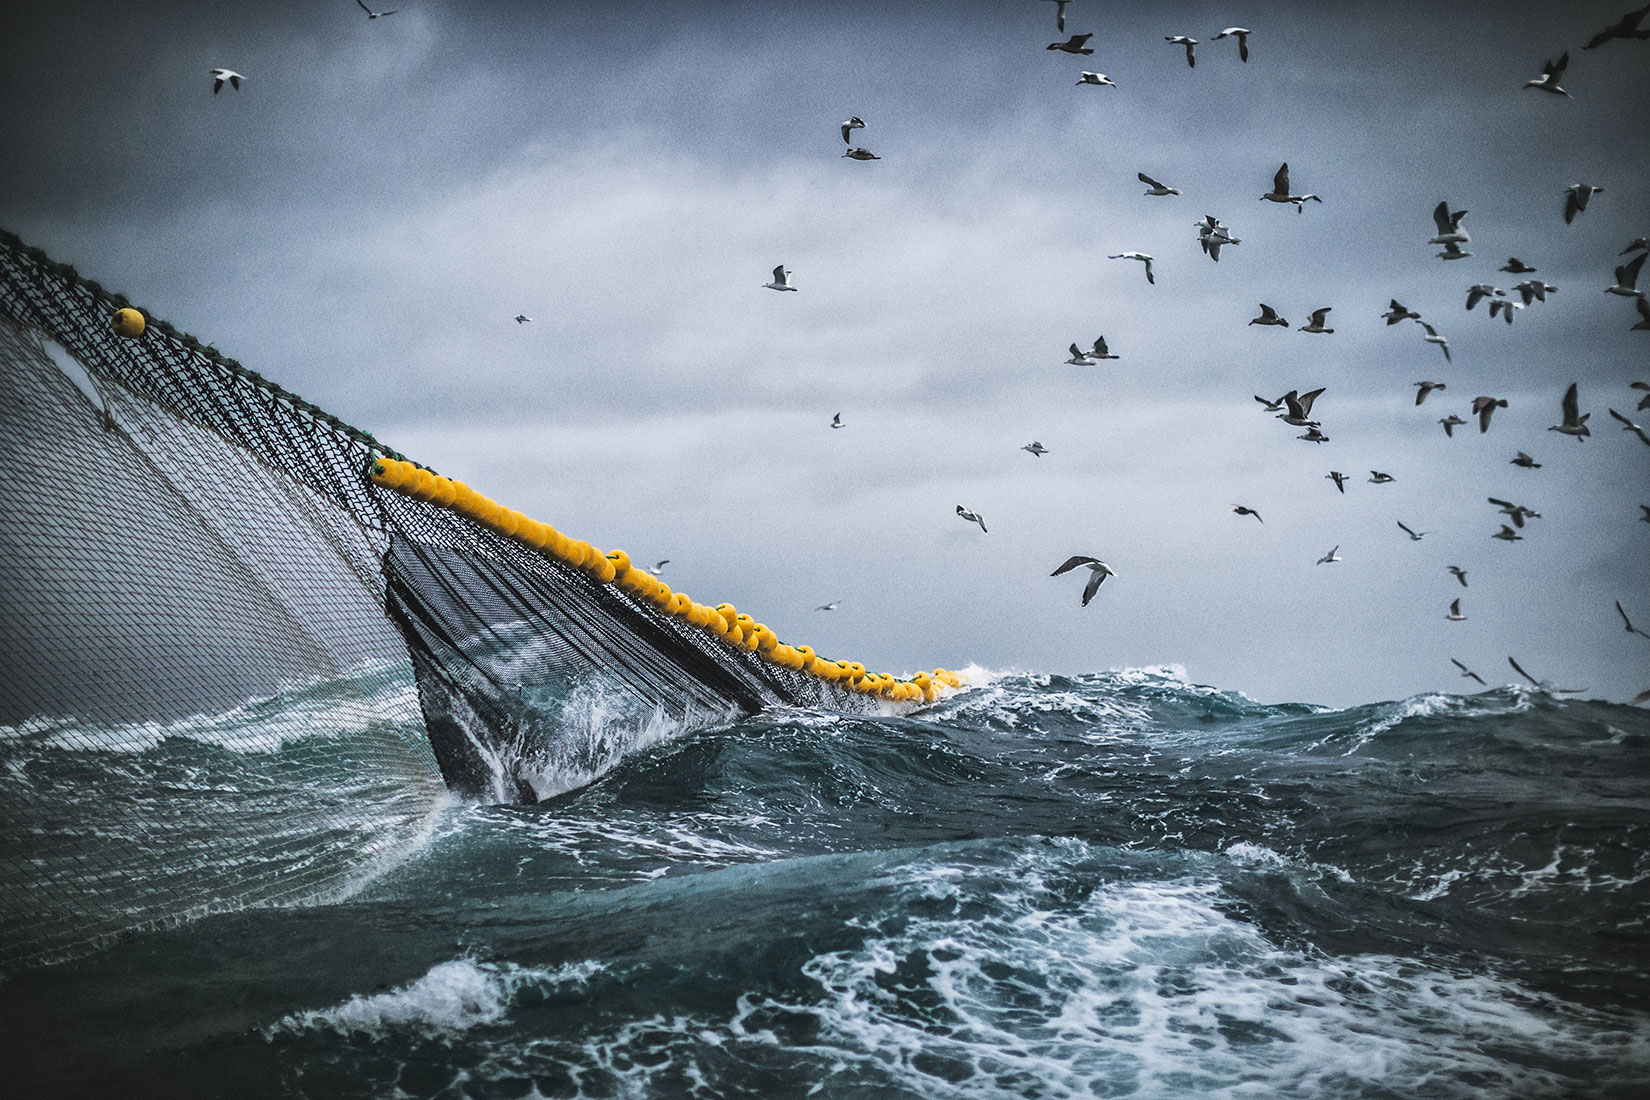 日本海の新たな脅威<br>−中国漁船による日本海の漁業資源破壊−